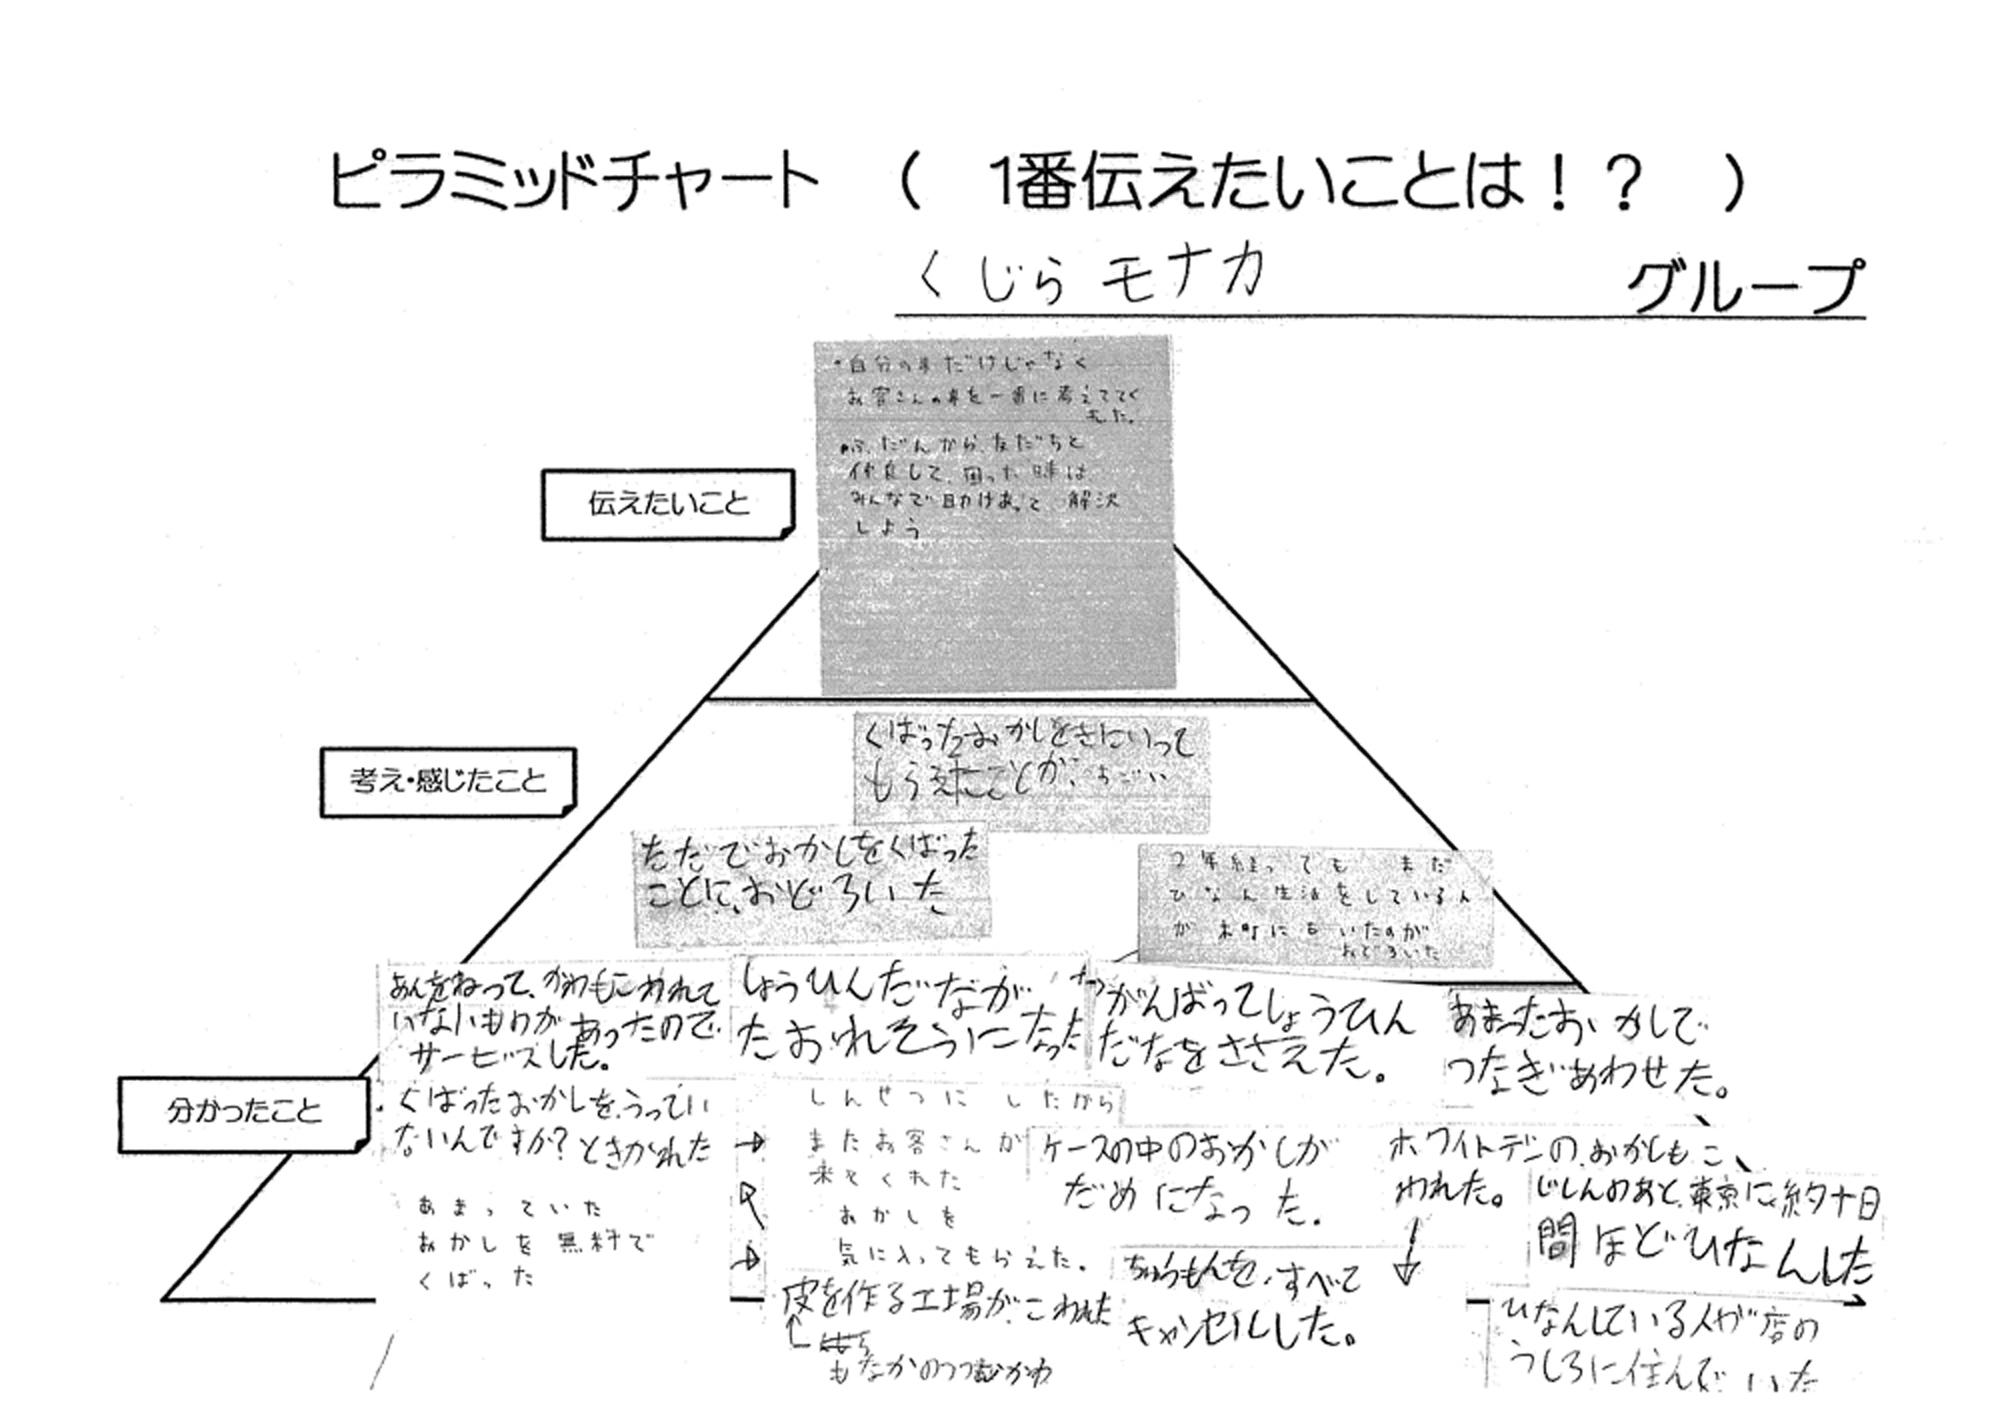 松園もなか本舗のピラミッドチャート